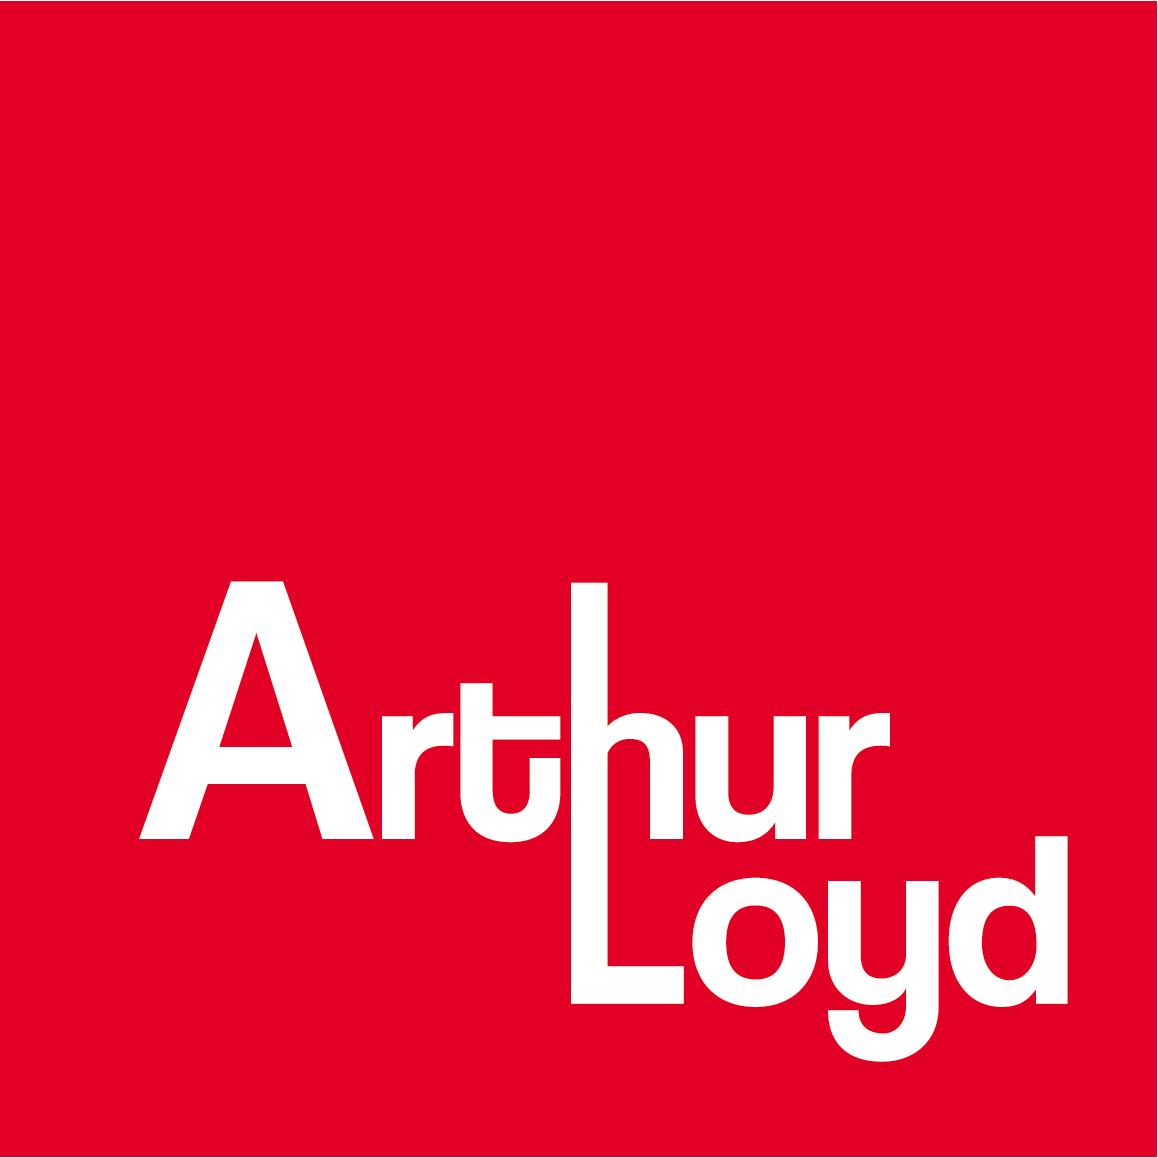 ARTHUR LOYD LE MANS